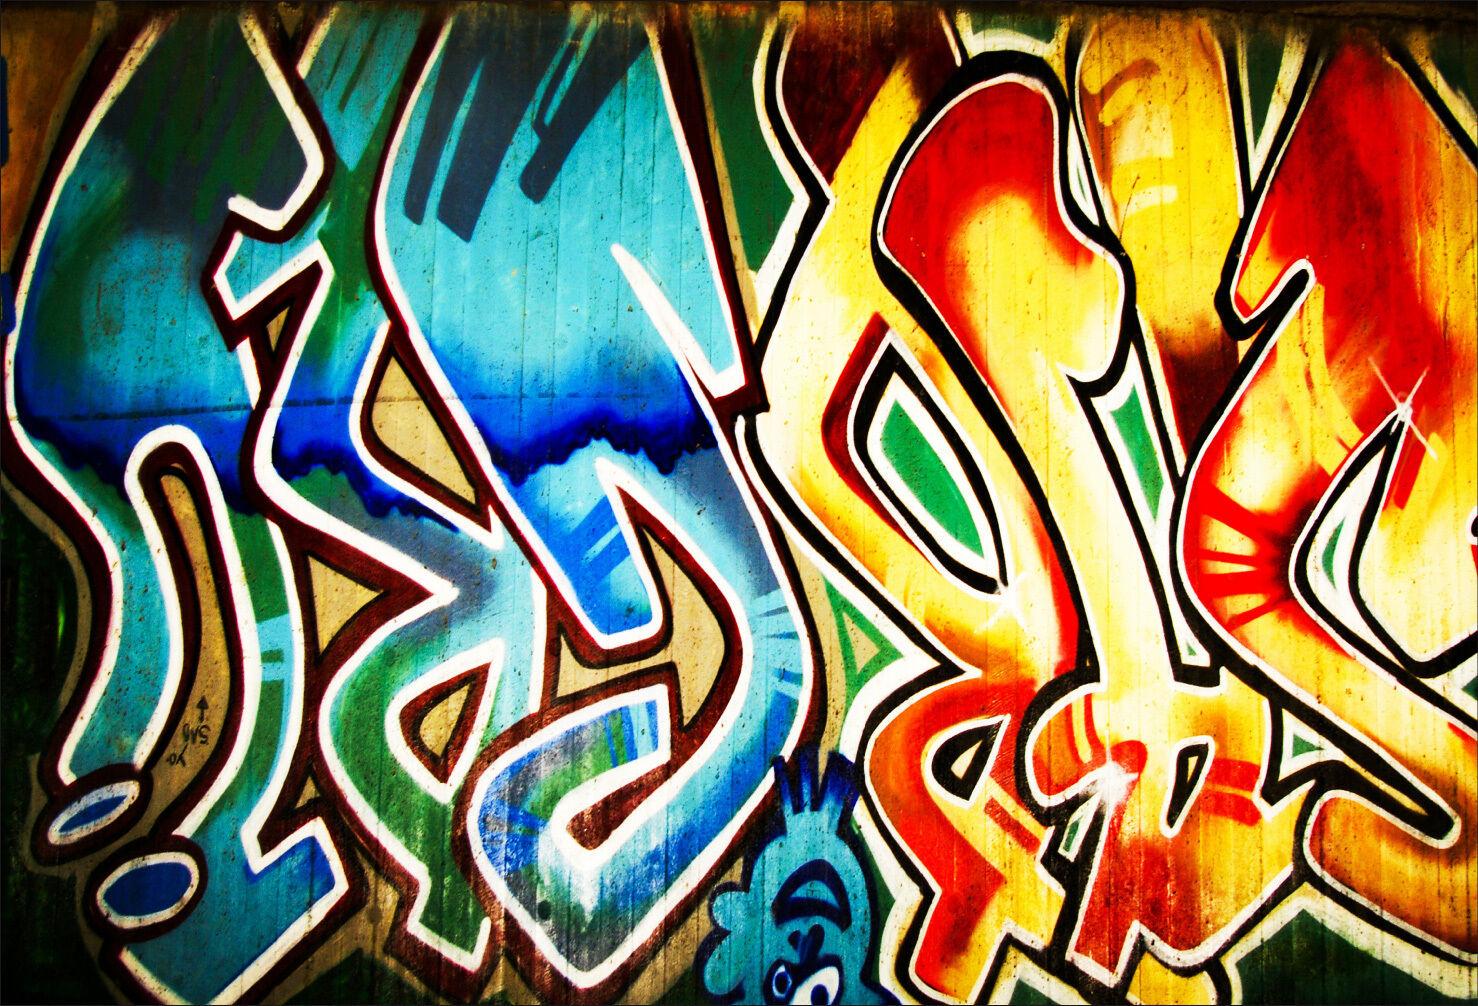 Adesivi Murale Adesivo Decocrazione  Graffiti Tag - Ref 1497 (16 Dimensioni)